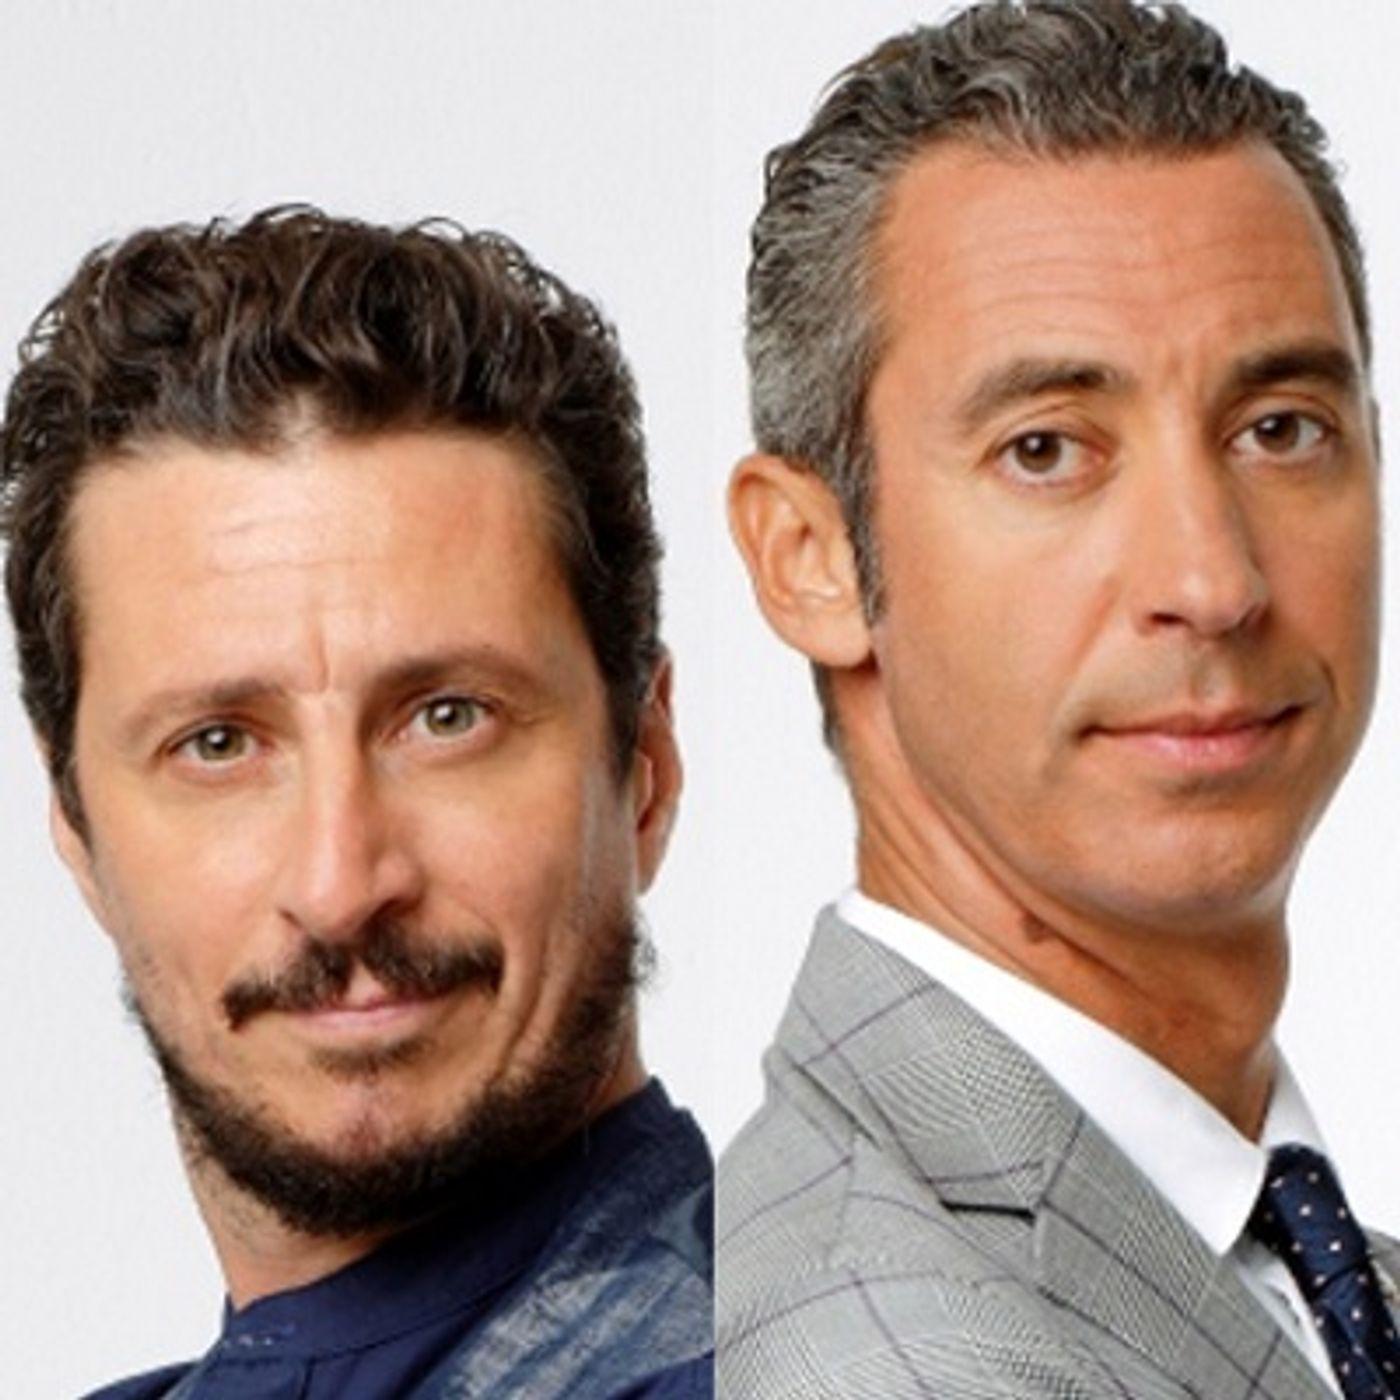 Le origini armene del duo comico Luca e Paolo